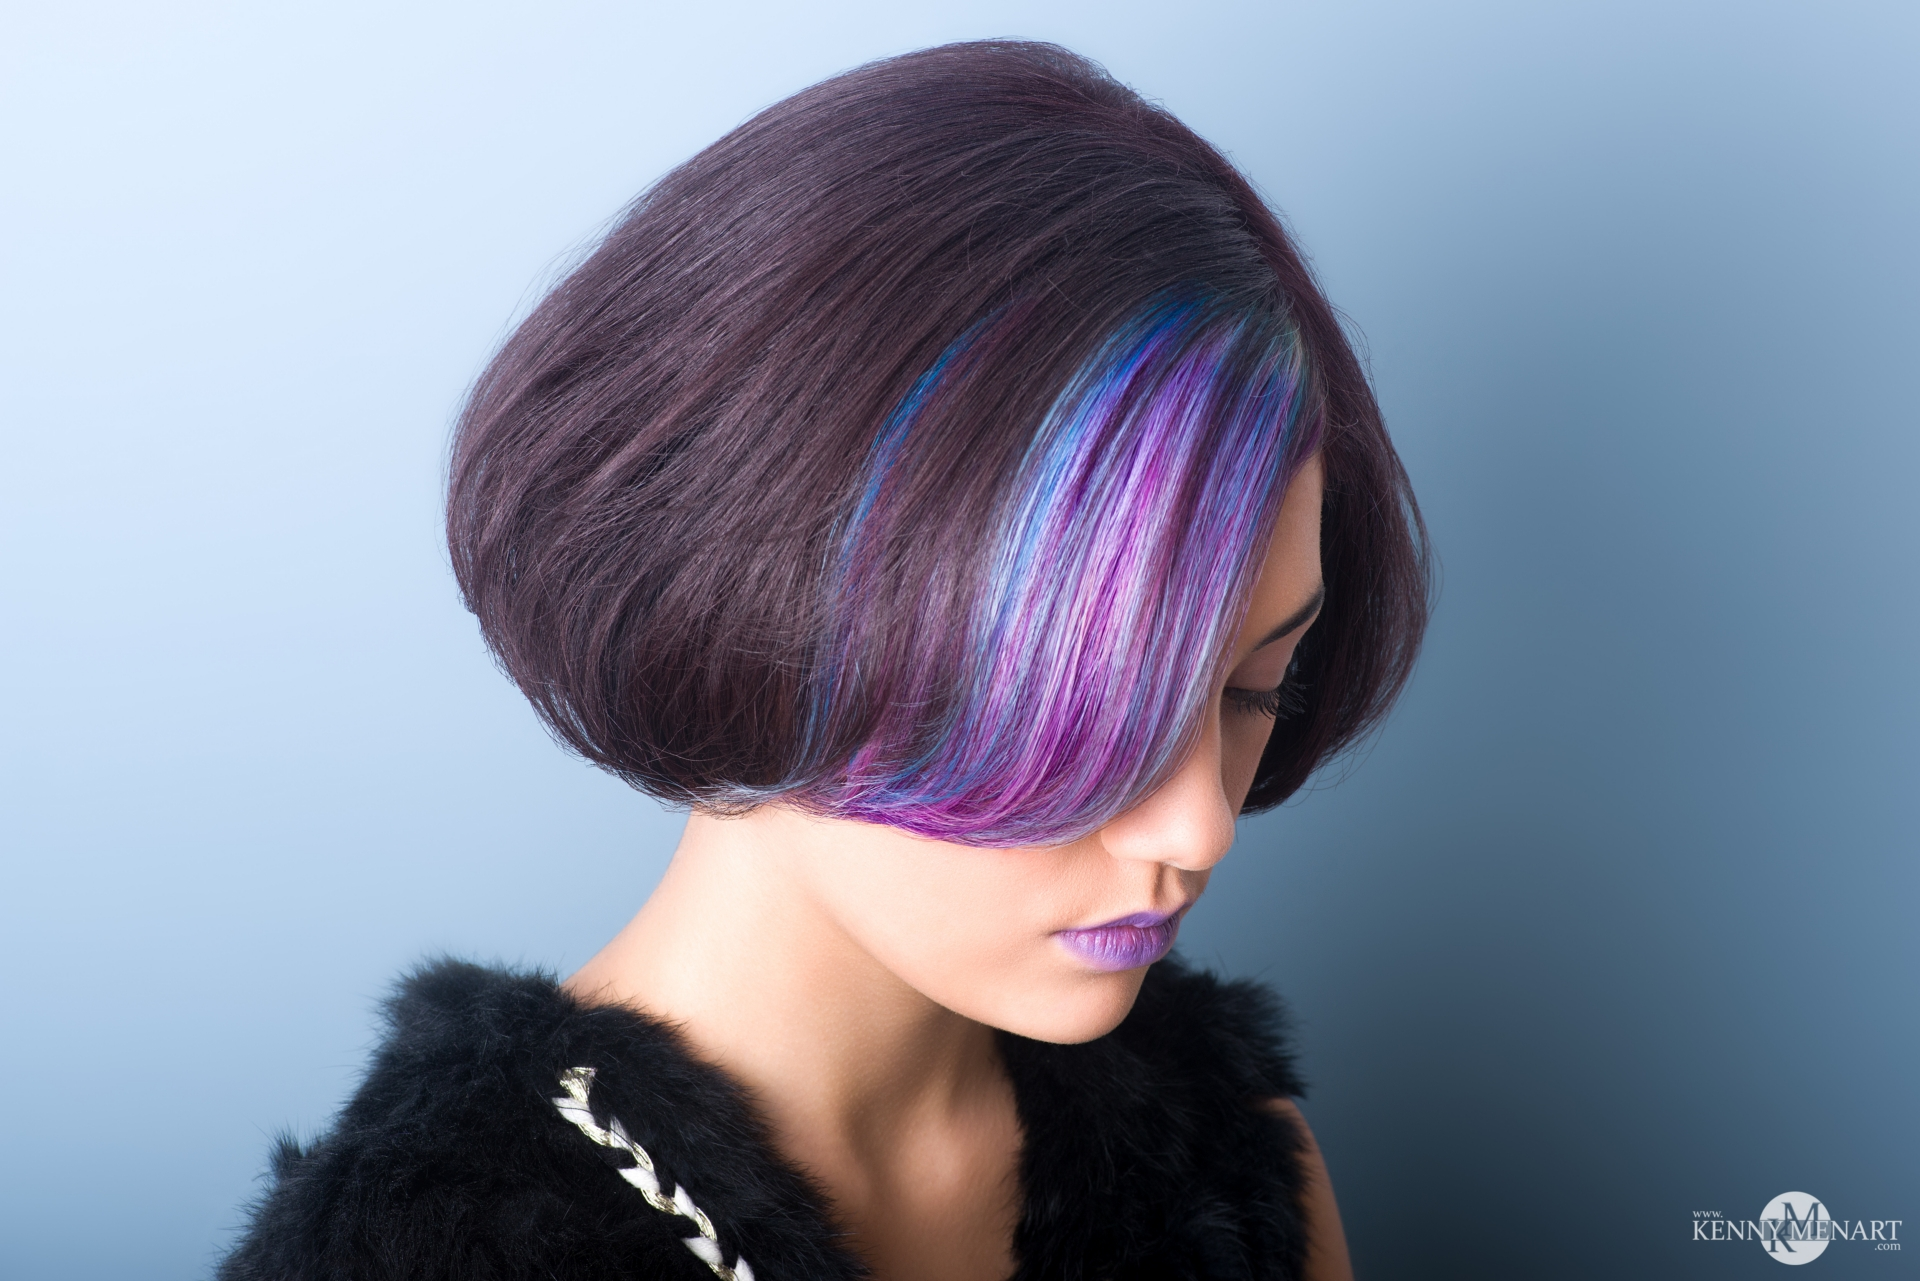 Coiffure mèches dégradé de bleu violet